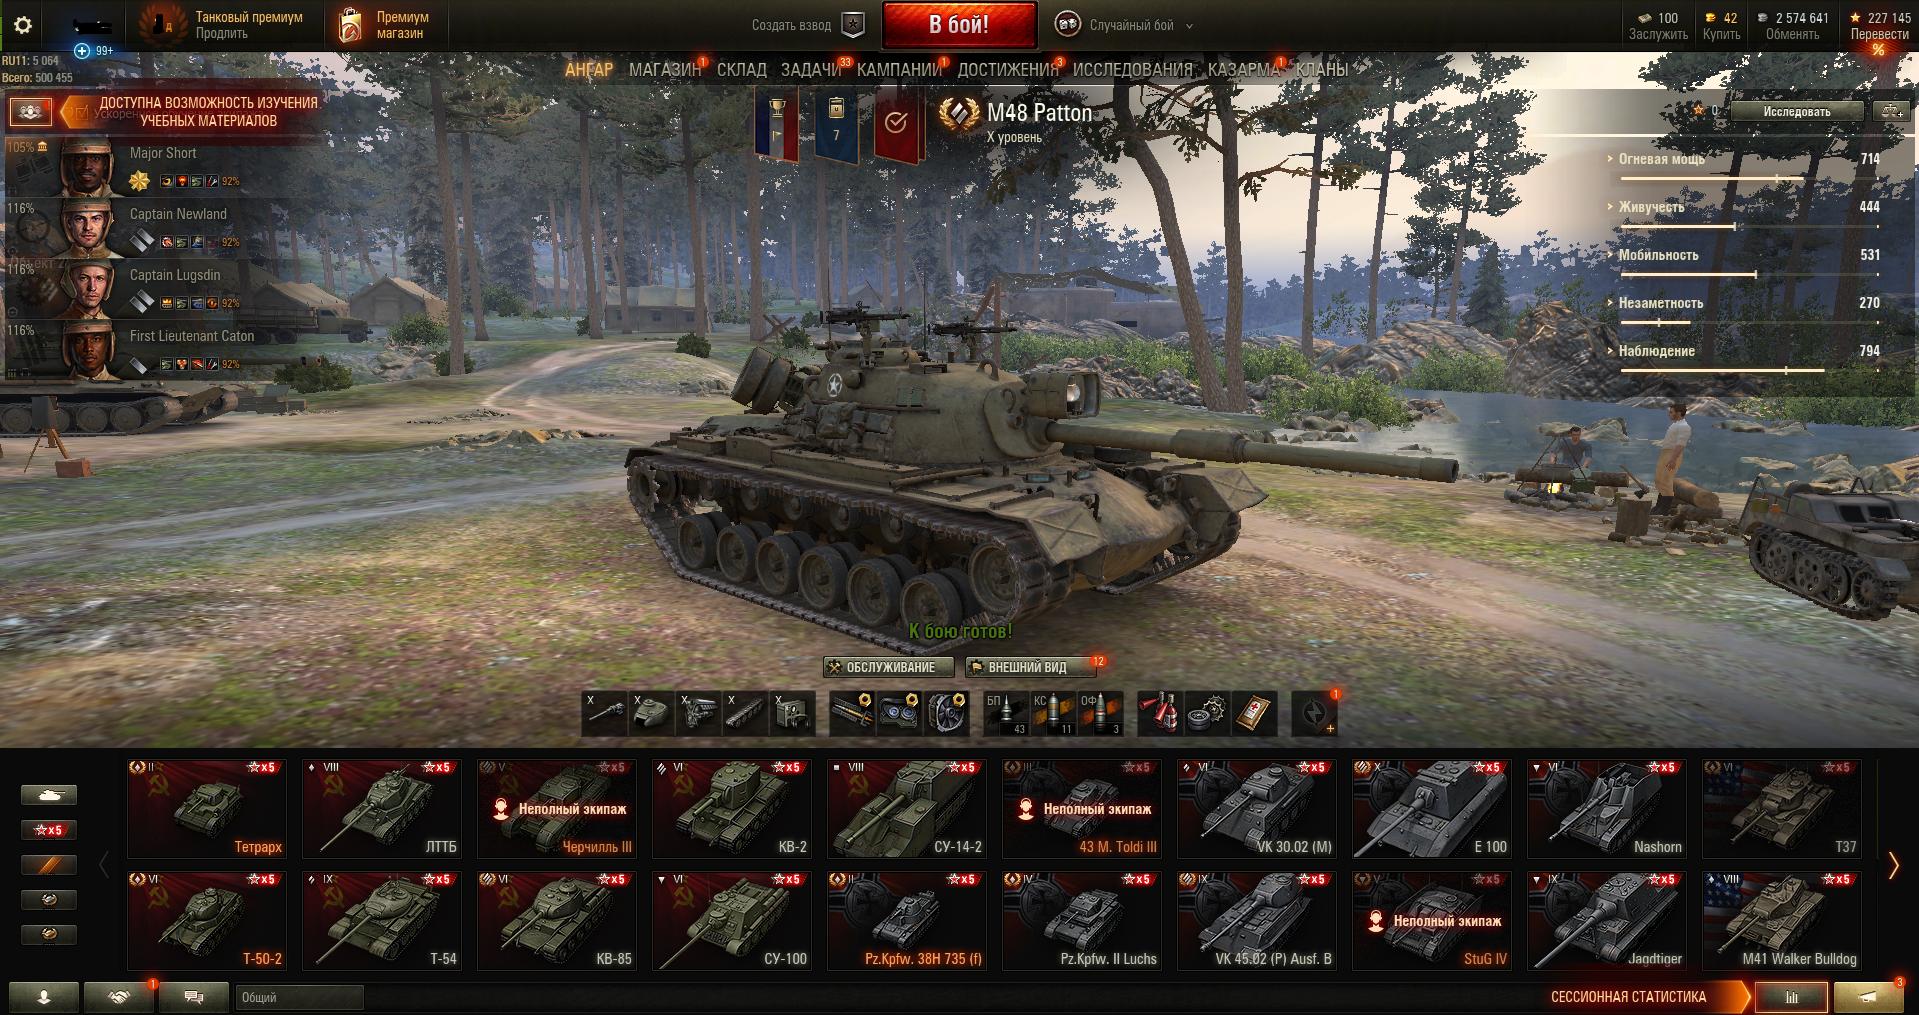 WoT (6 топов, 2 према, всего 40 танков)